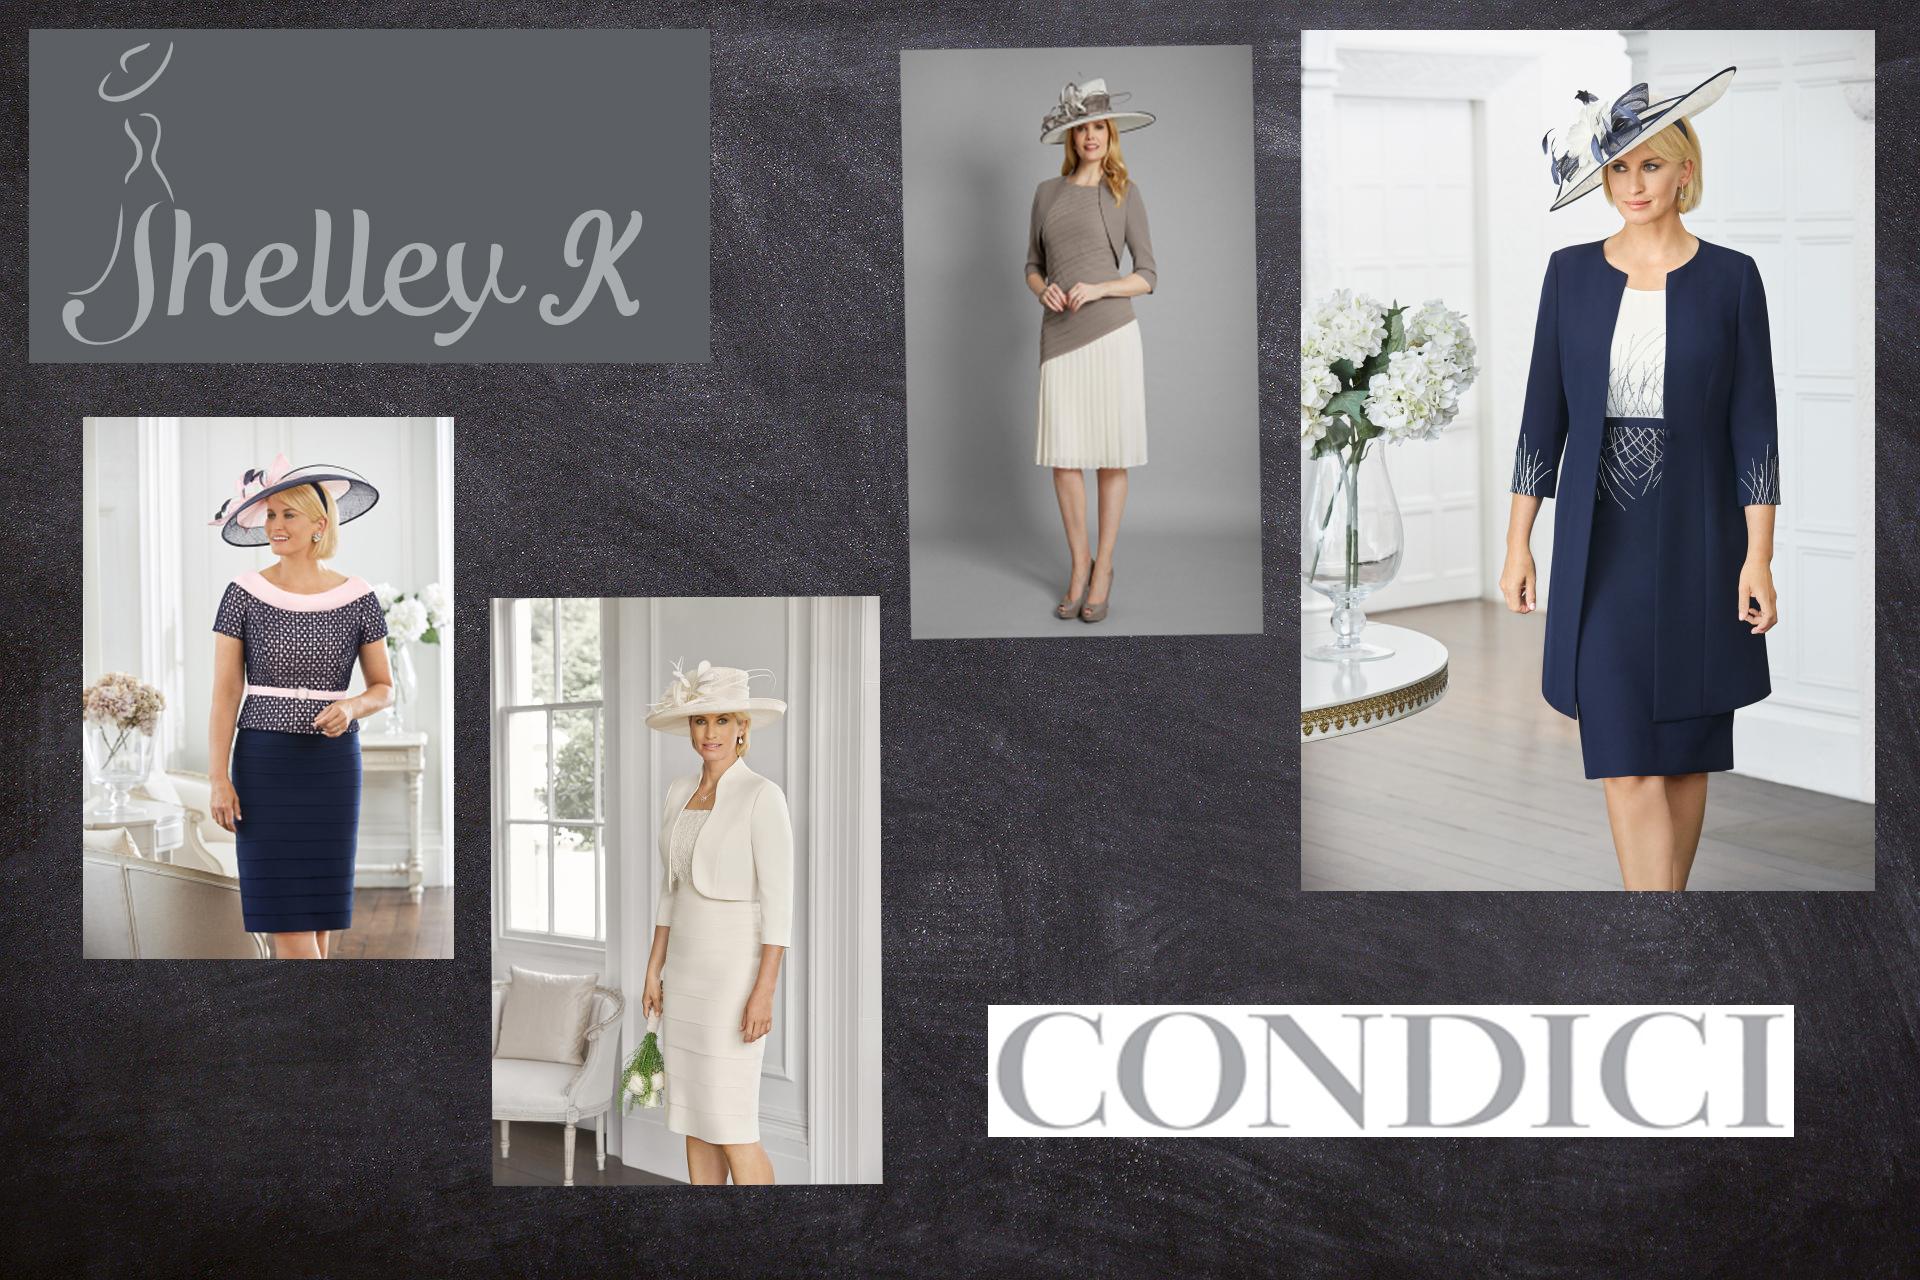 Condici-at-Shelley-K